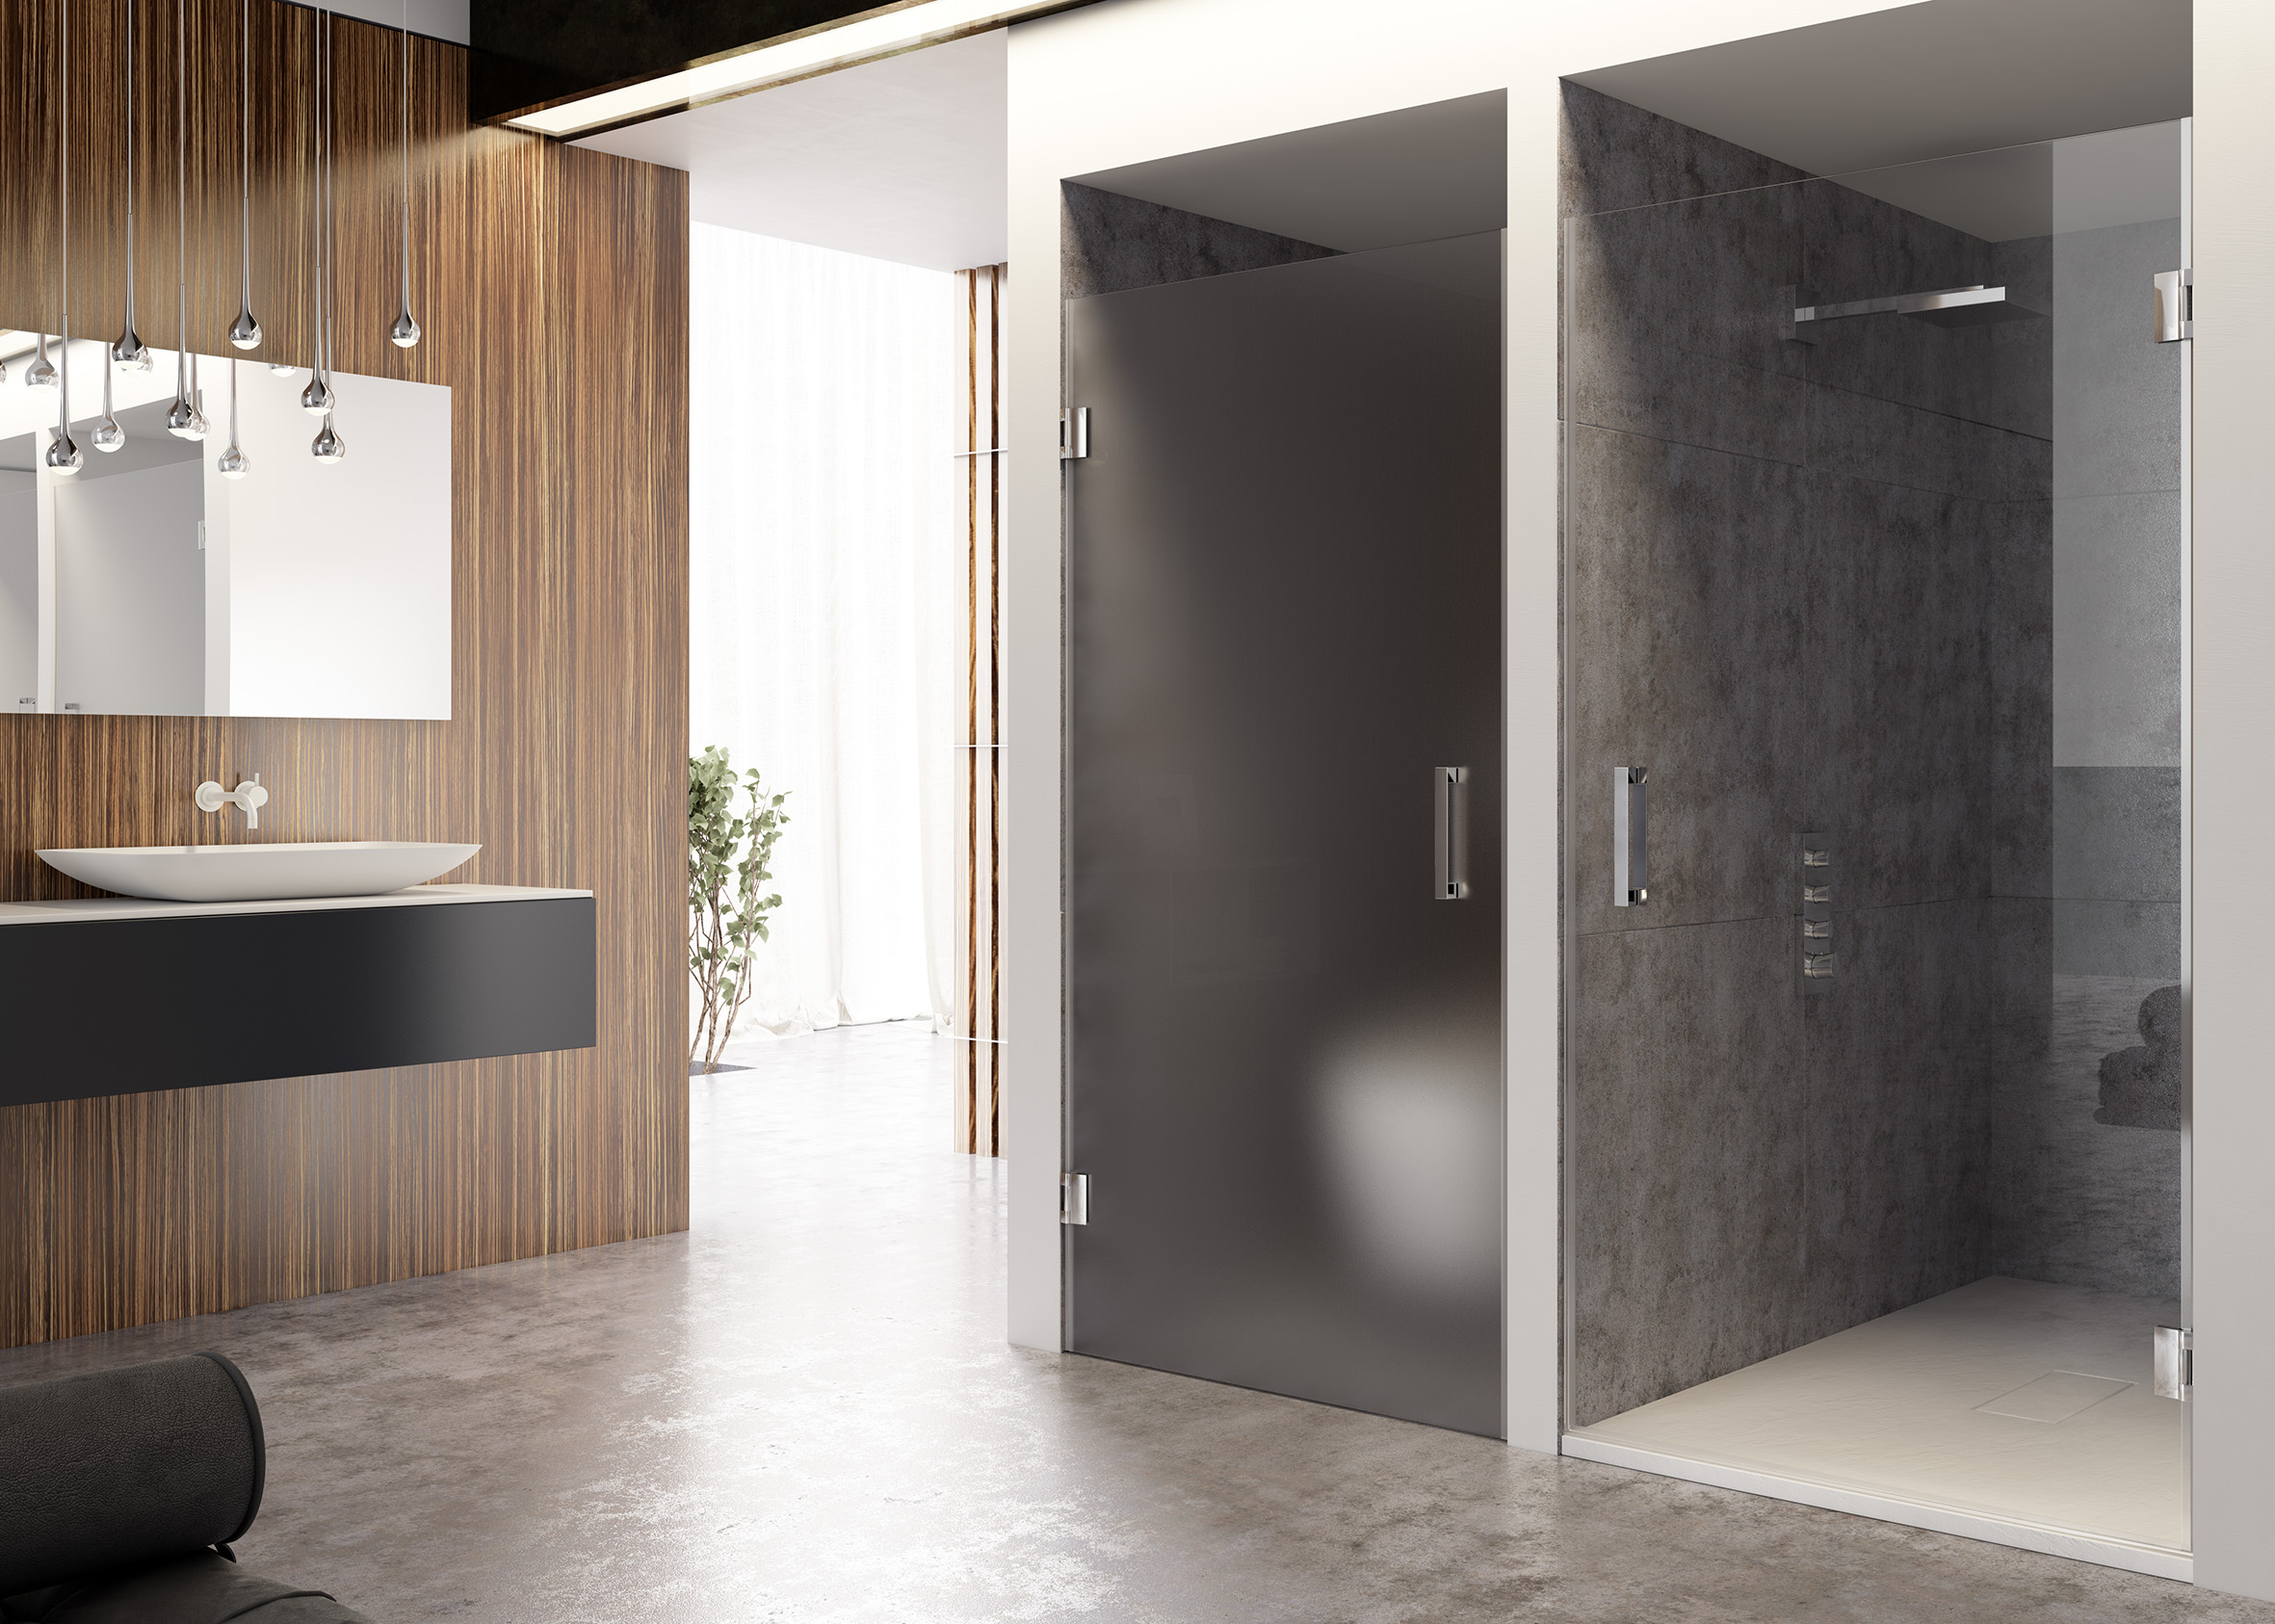 spaziamamparas-de-banomamparas-duchaproyecto-de-banoreformas-de-banobanos-a-medidatres-cantos-3